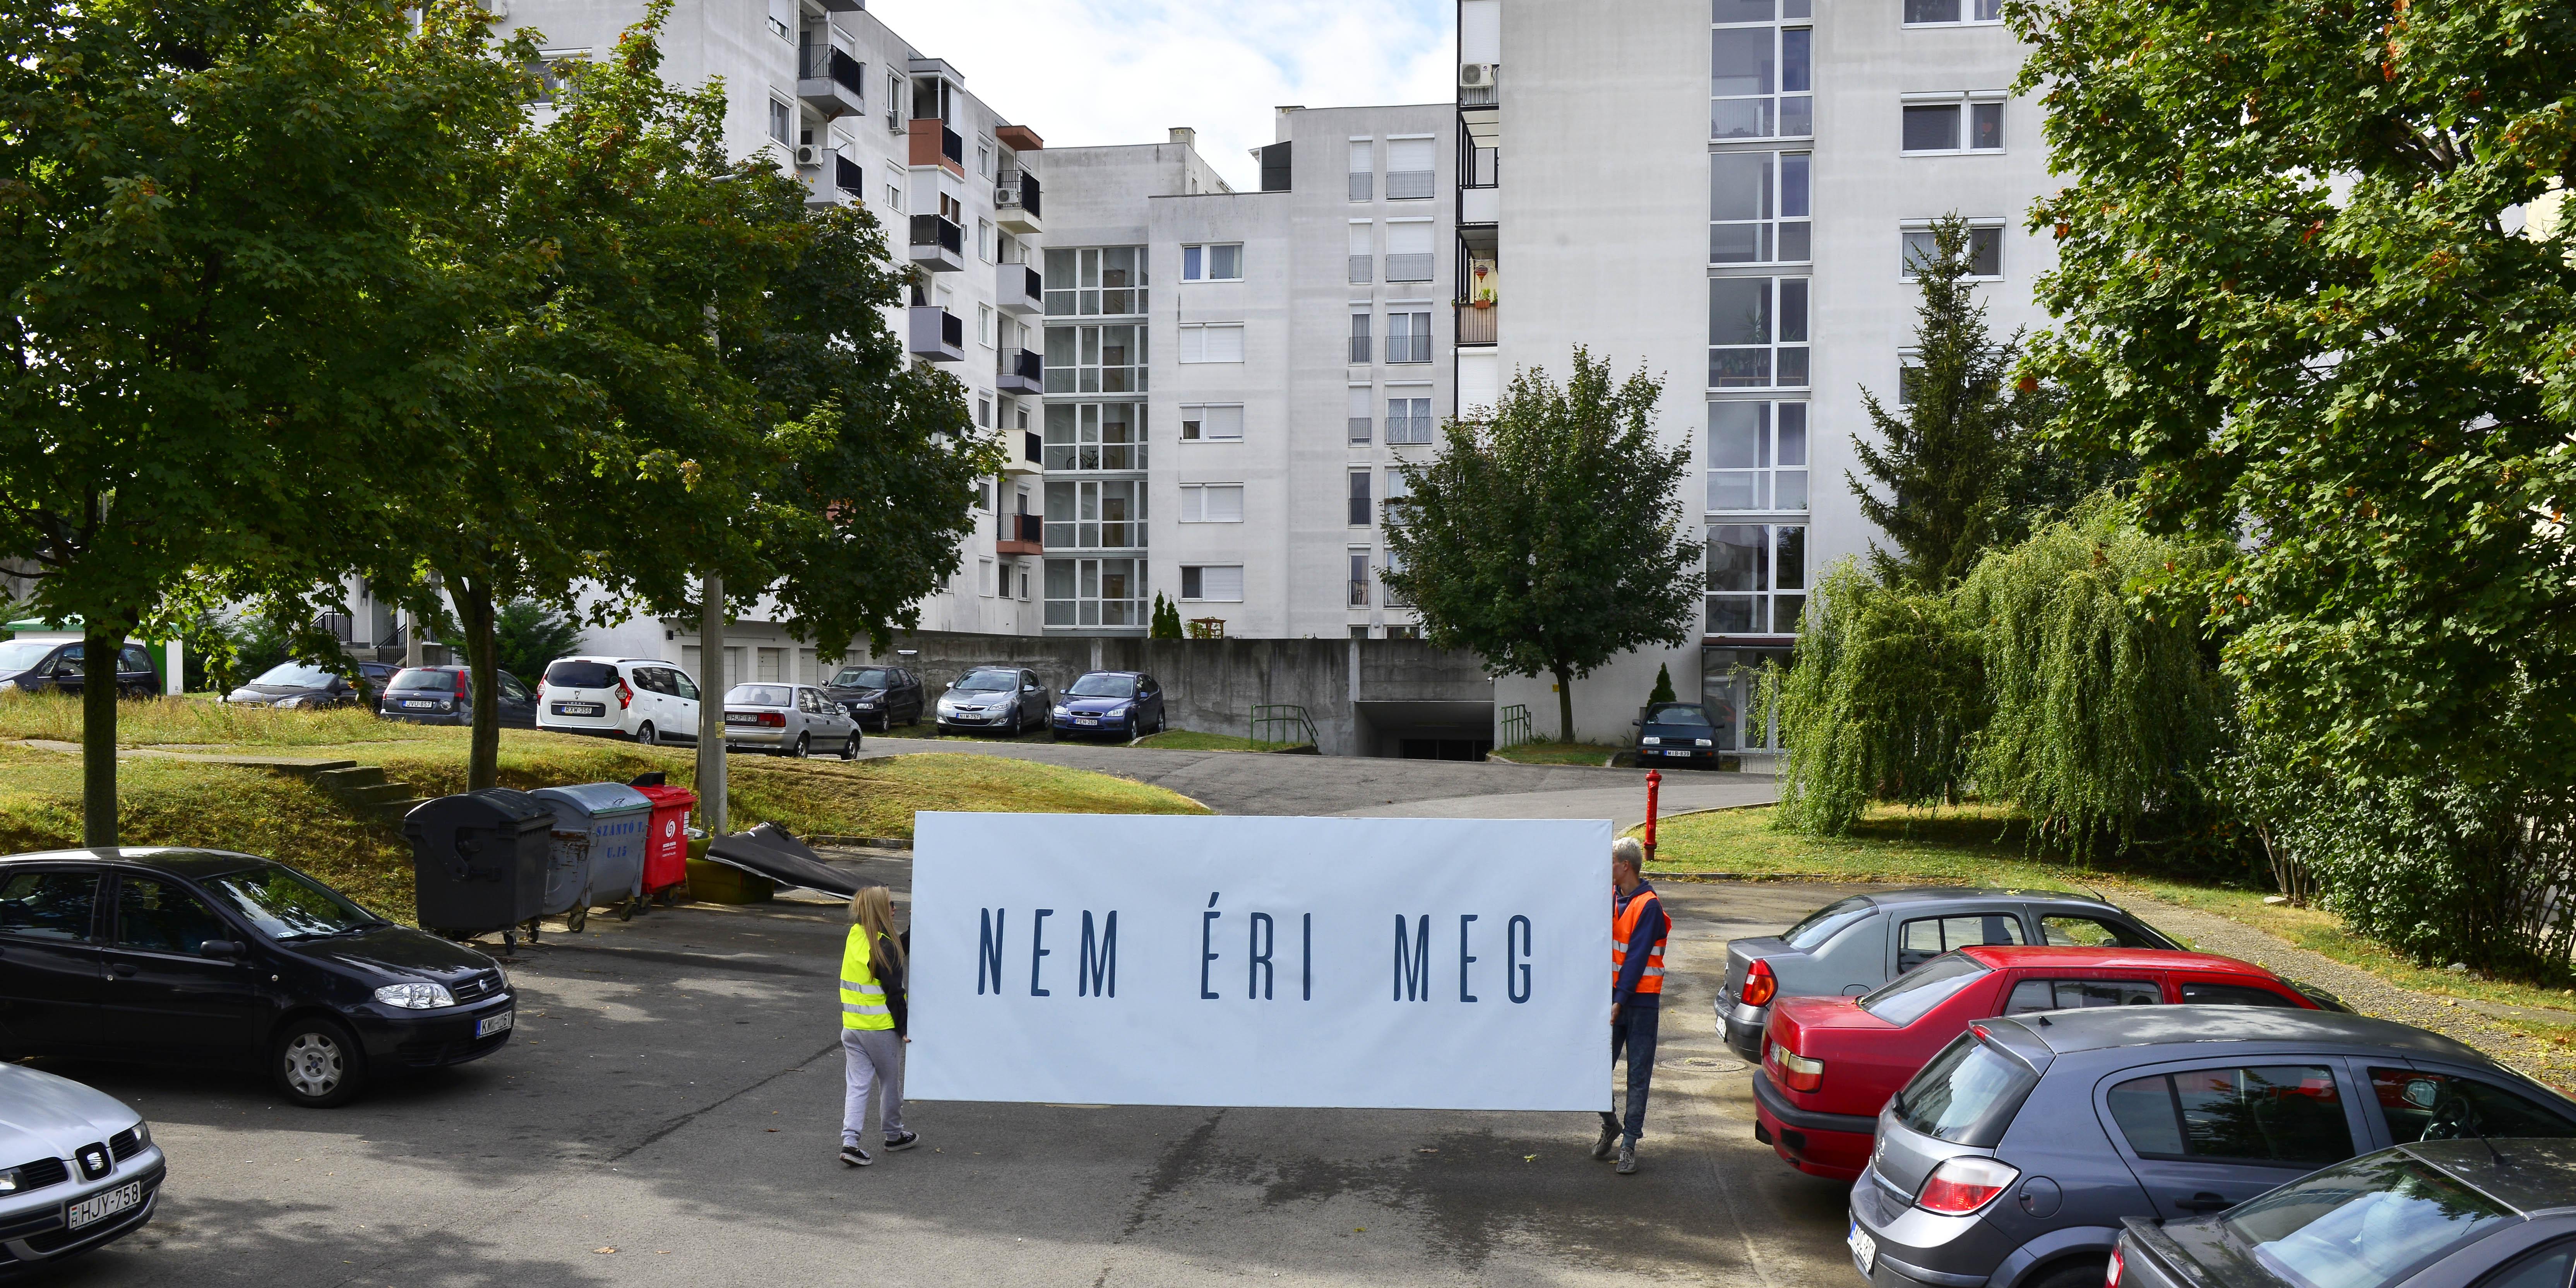 Gyenis Tibor: Személyes döntés, 2020, werk-képek © Gyenis Tibor